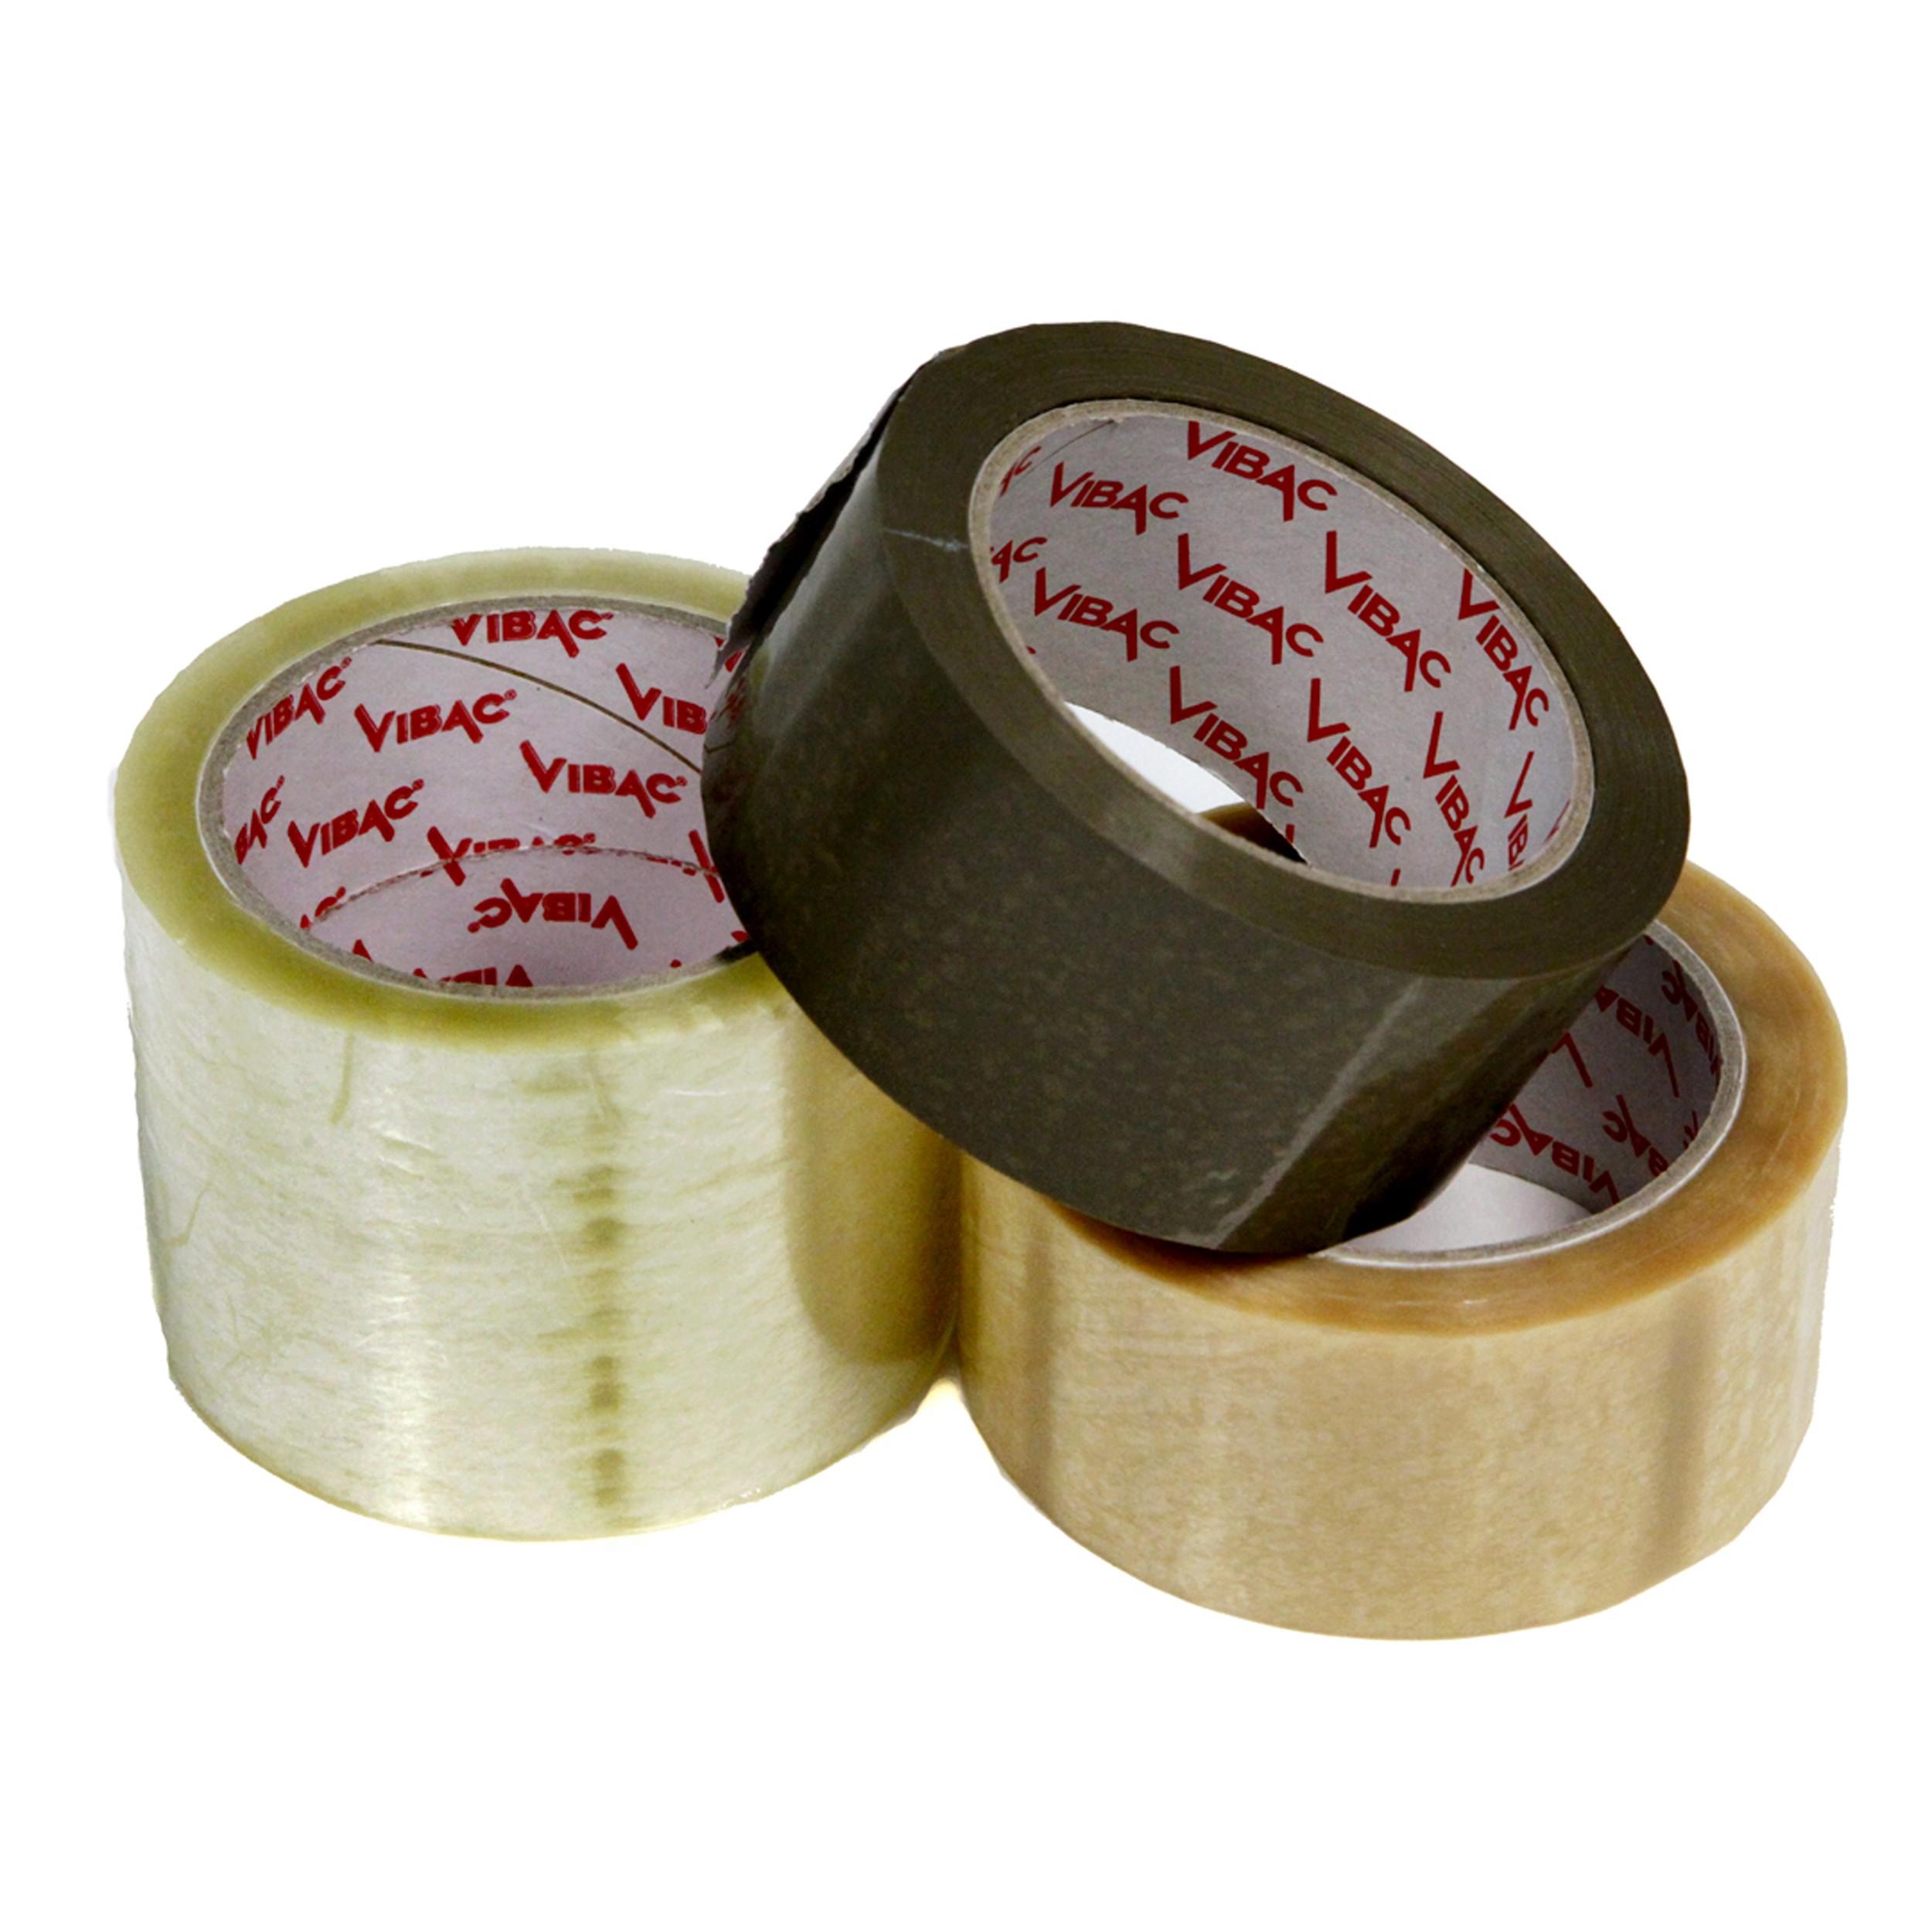 VIBAC Tape - VIBAC Branded